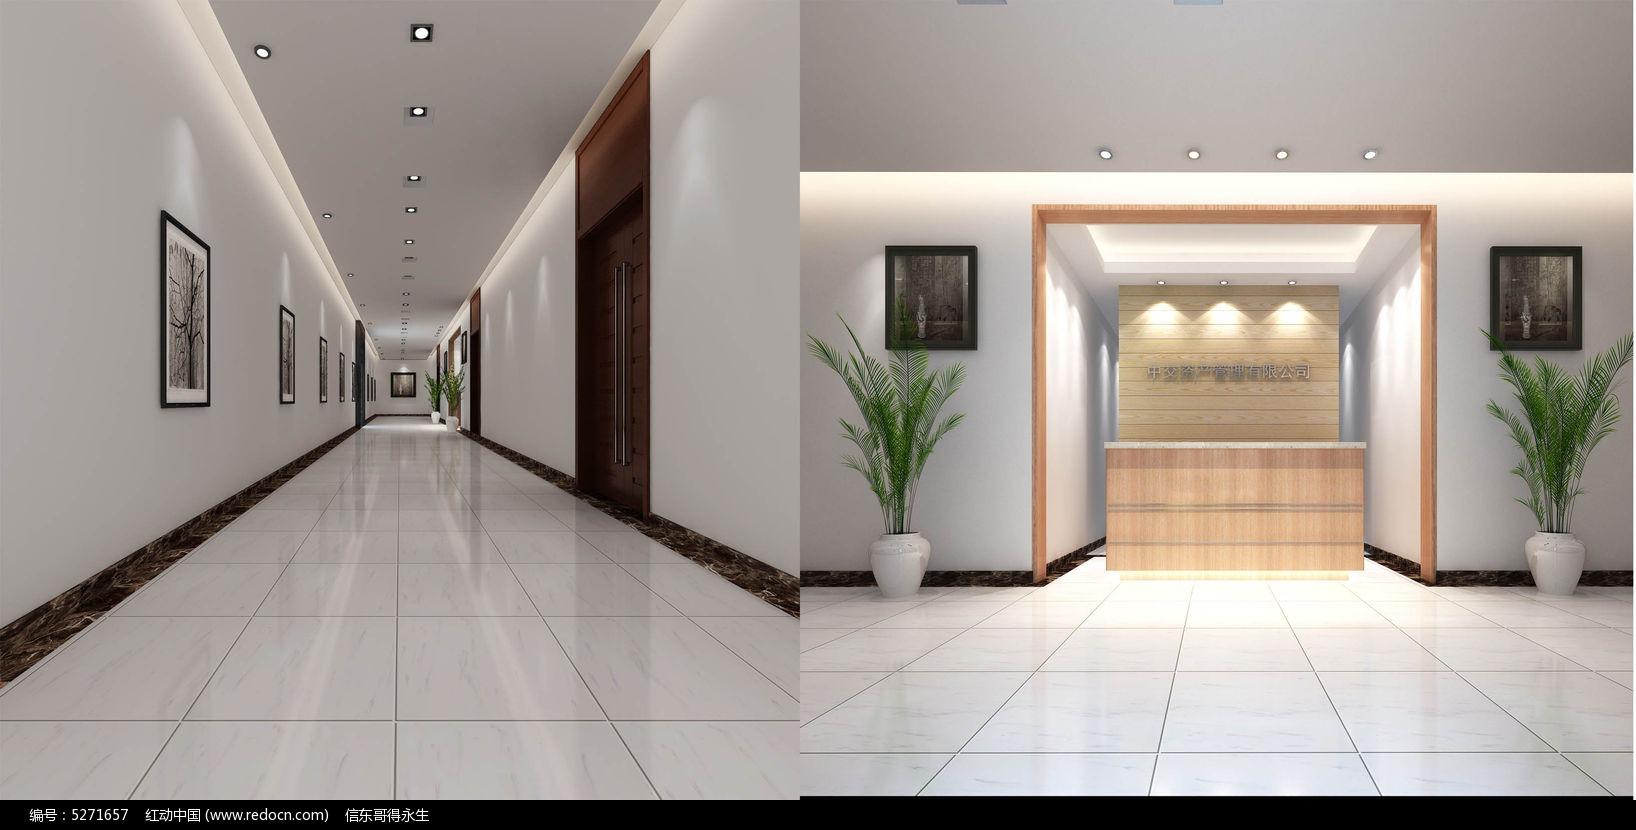 办公过道3d模型 前台3d模型 公司形象背景墙3d模型 公司双开门3d模型